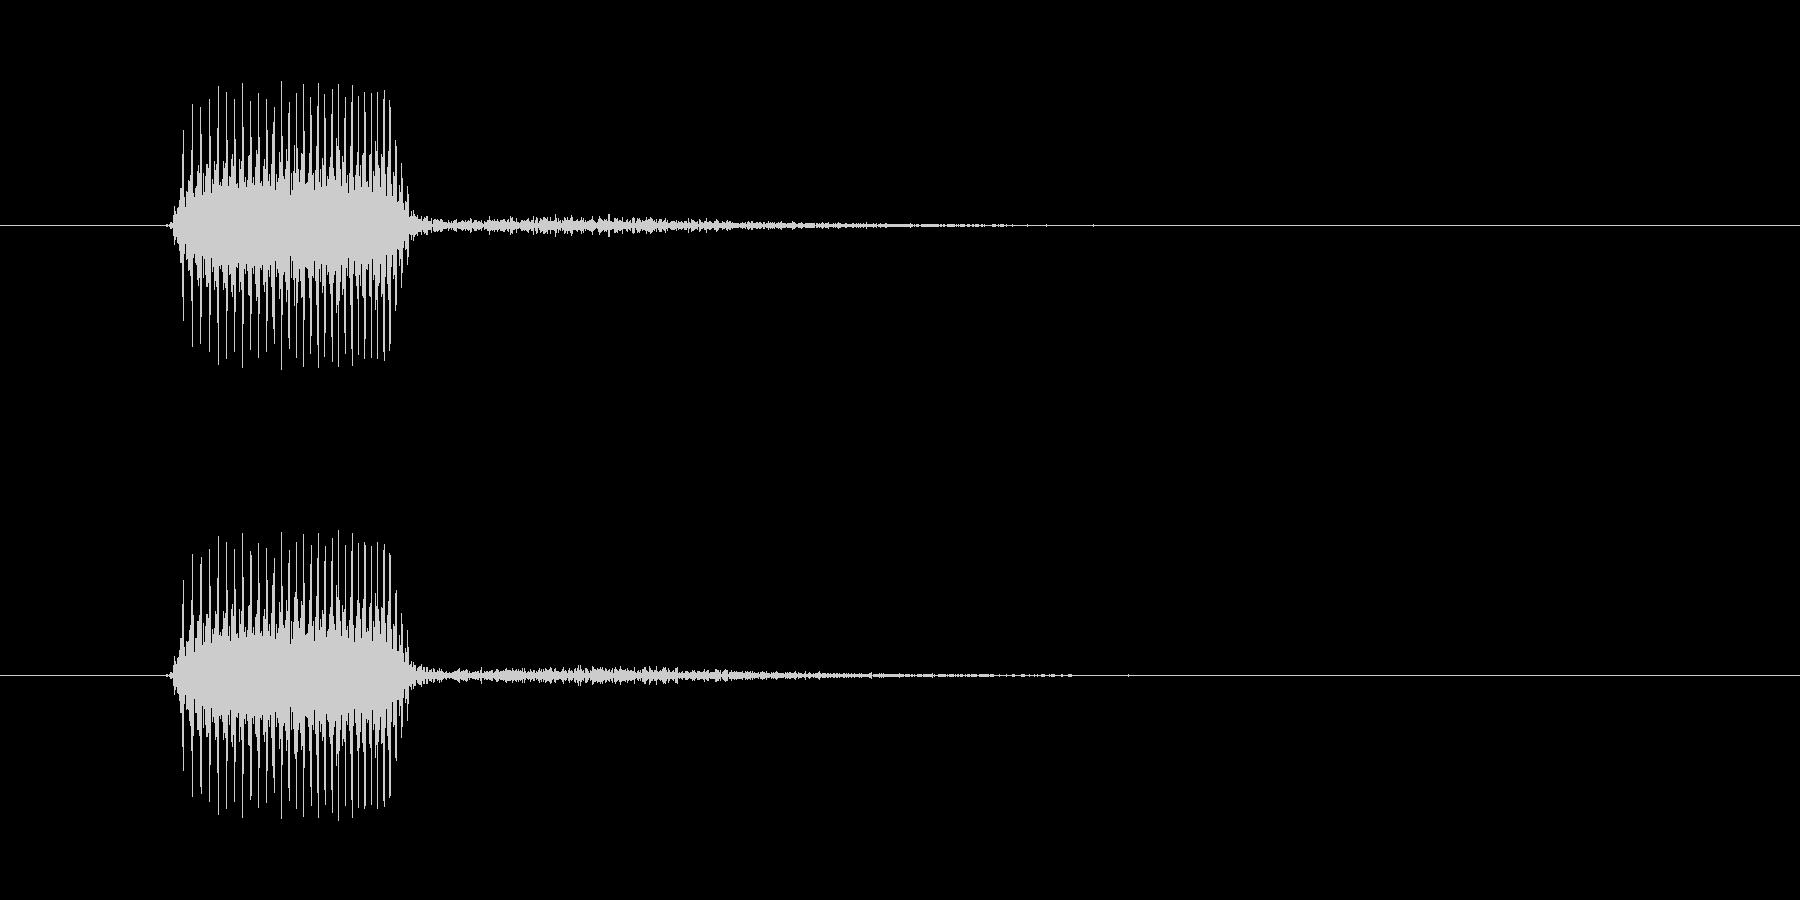 ベッというような虫っぽいタッチ音…の未再生の波形